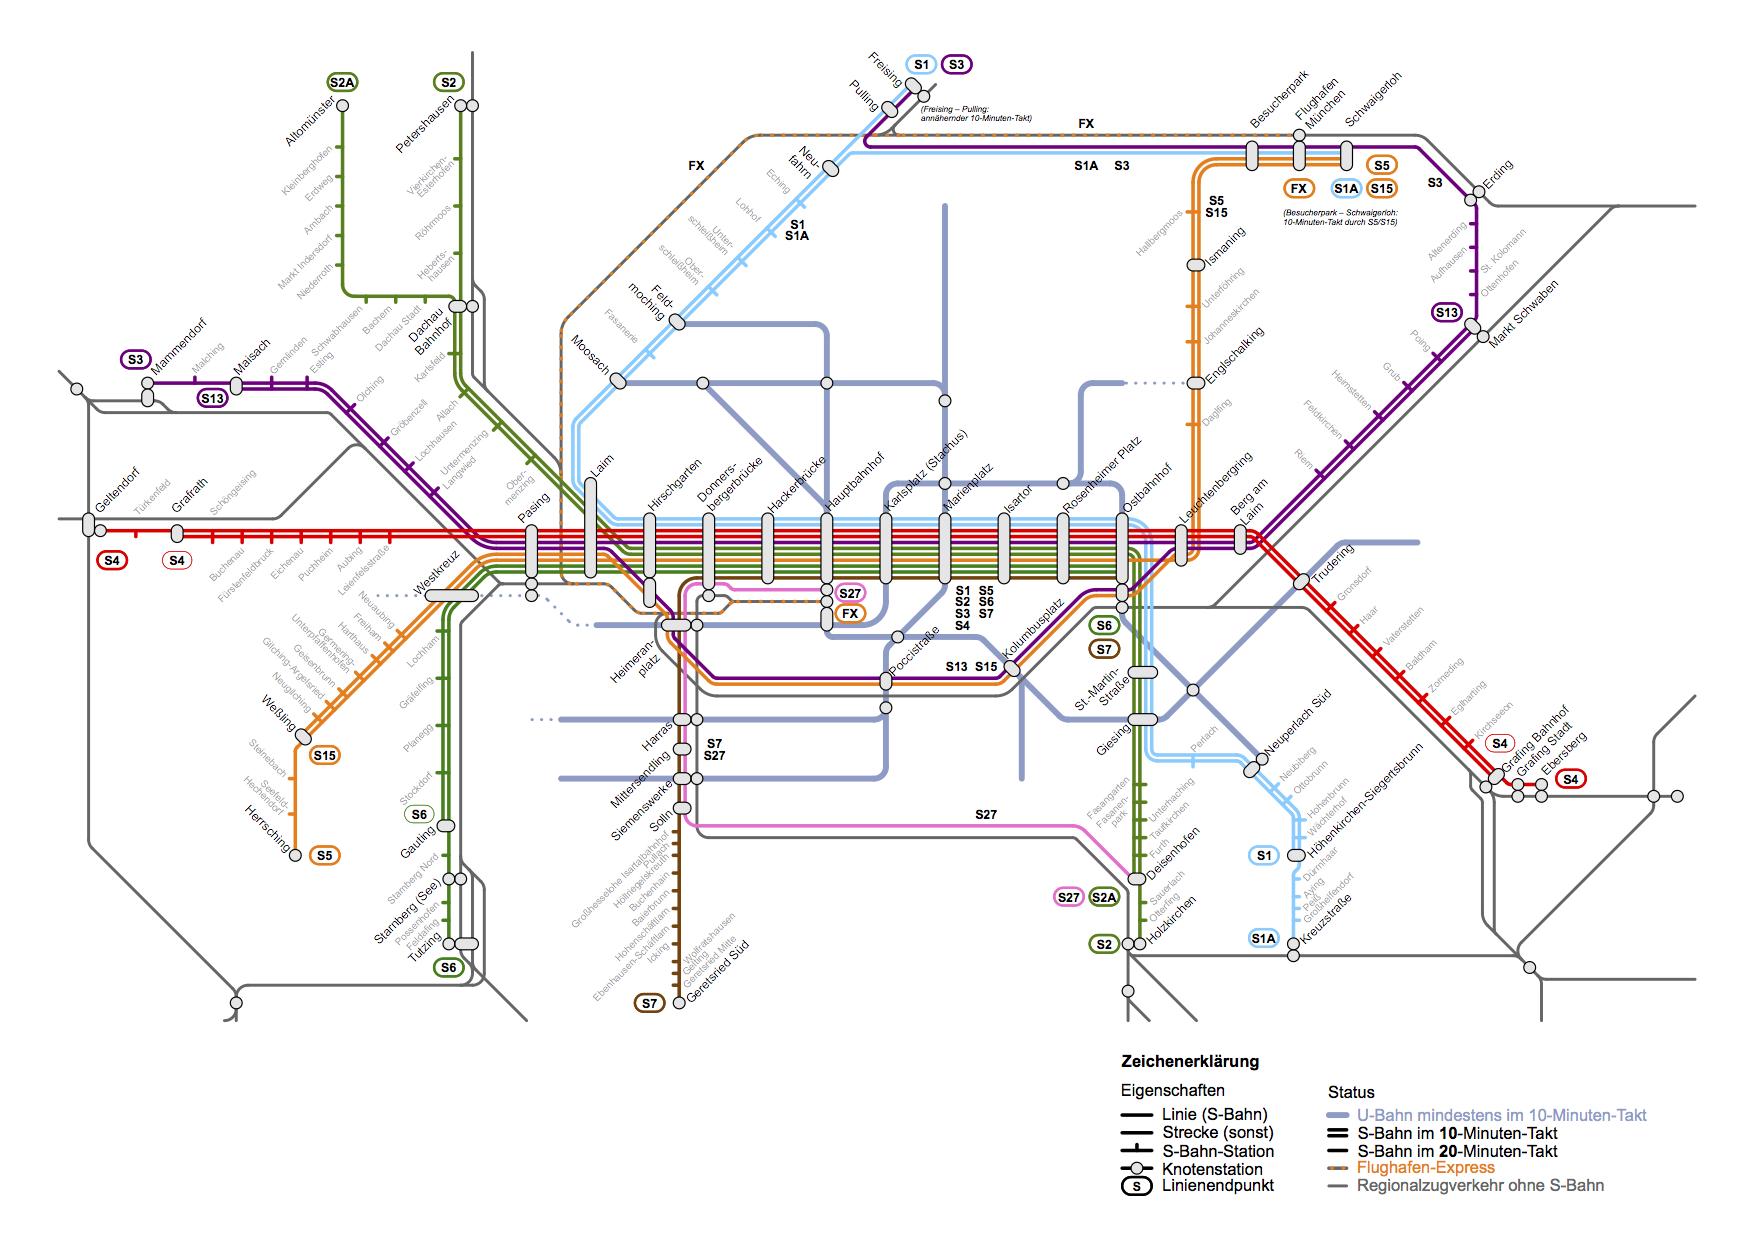 S Bahn Karte München.Liniennetz 2030 Zukunftskonzept S Bahn München 2030